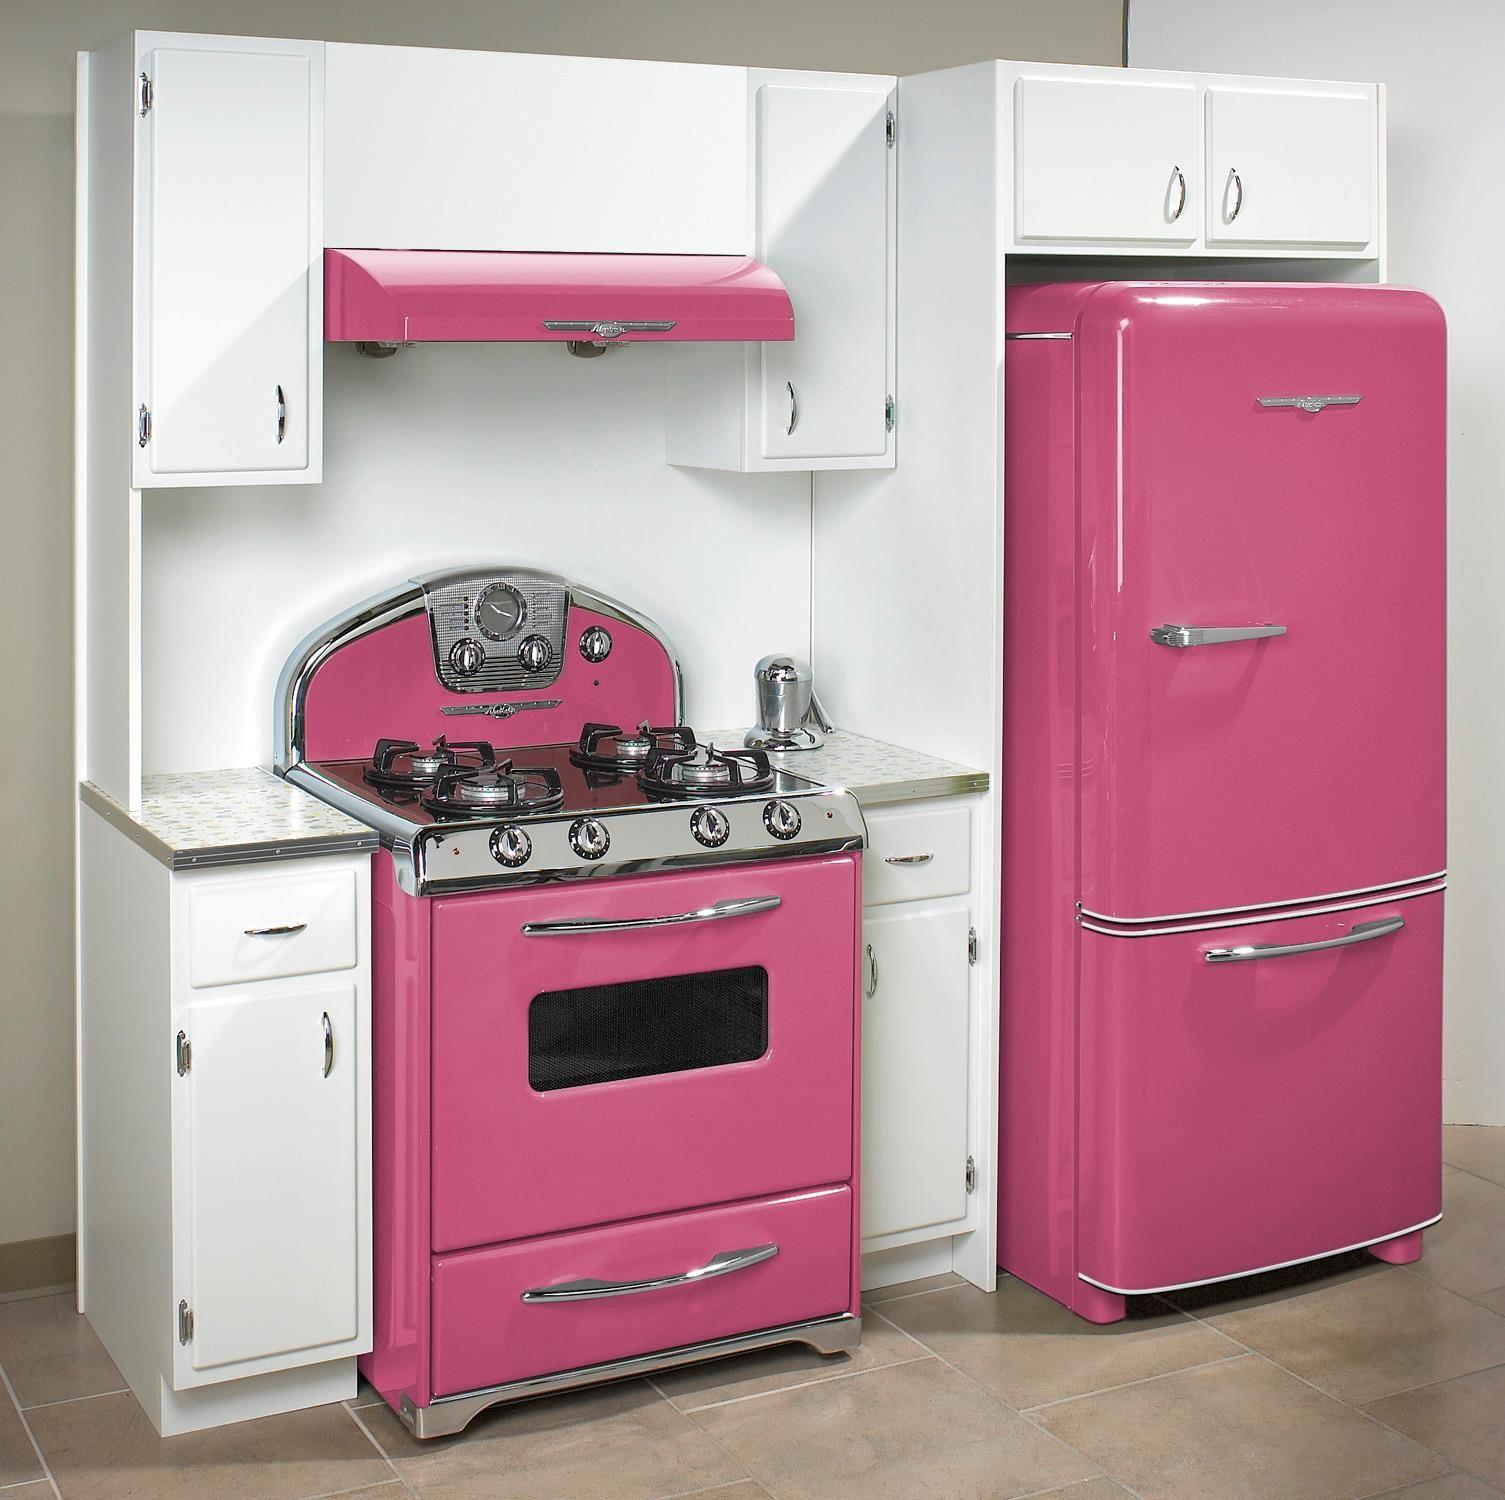 Northstar retro appliances in 39 honeysuckle 39 my world is pink decoraci n de cocina moderna - Cocinas rosa fucsia ...